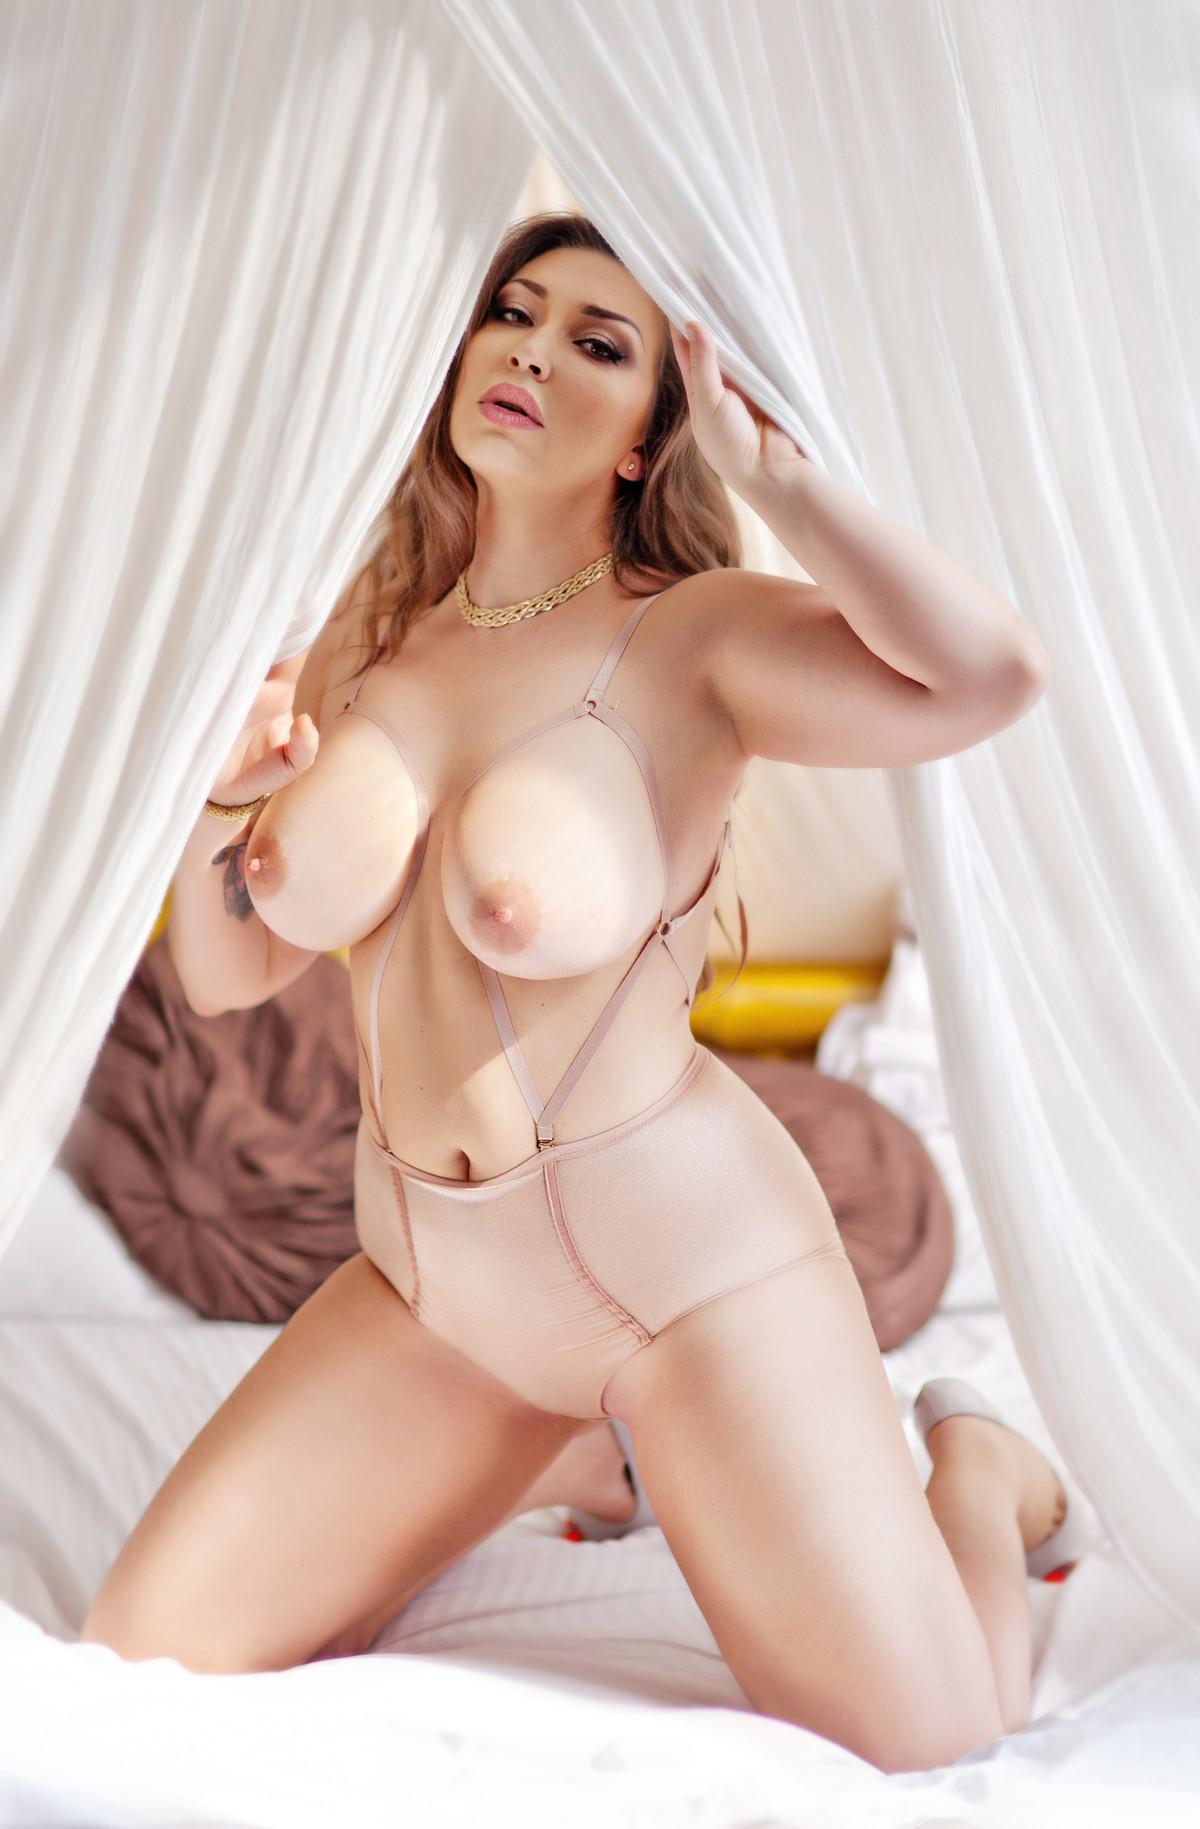 Ukrainian big boobs nude